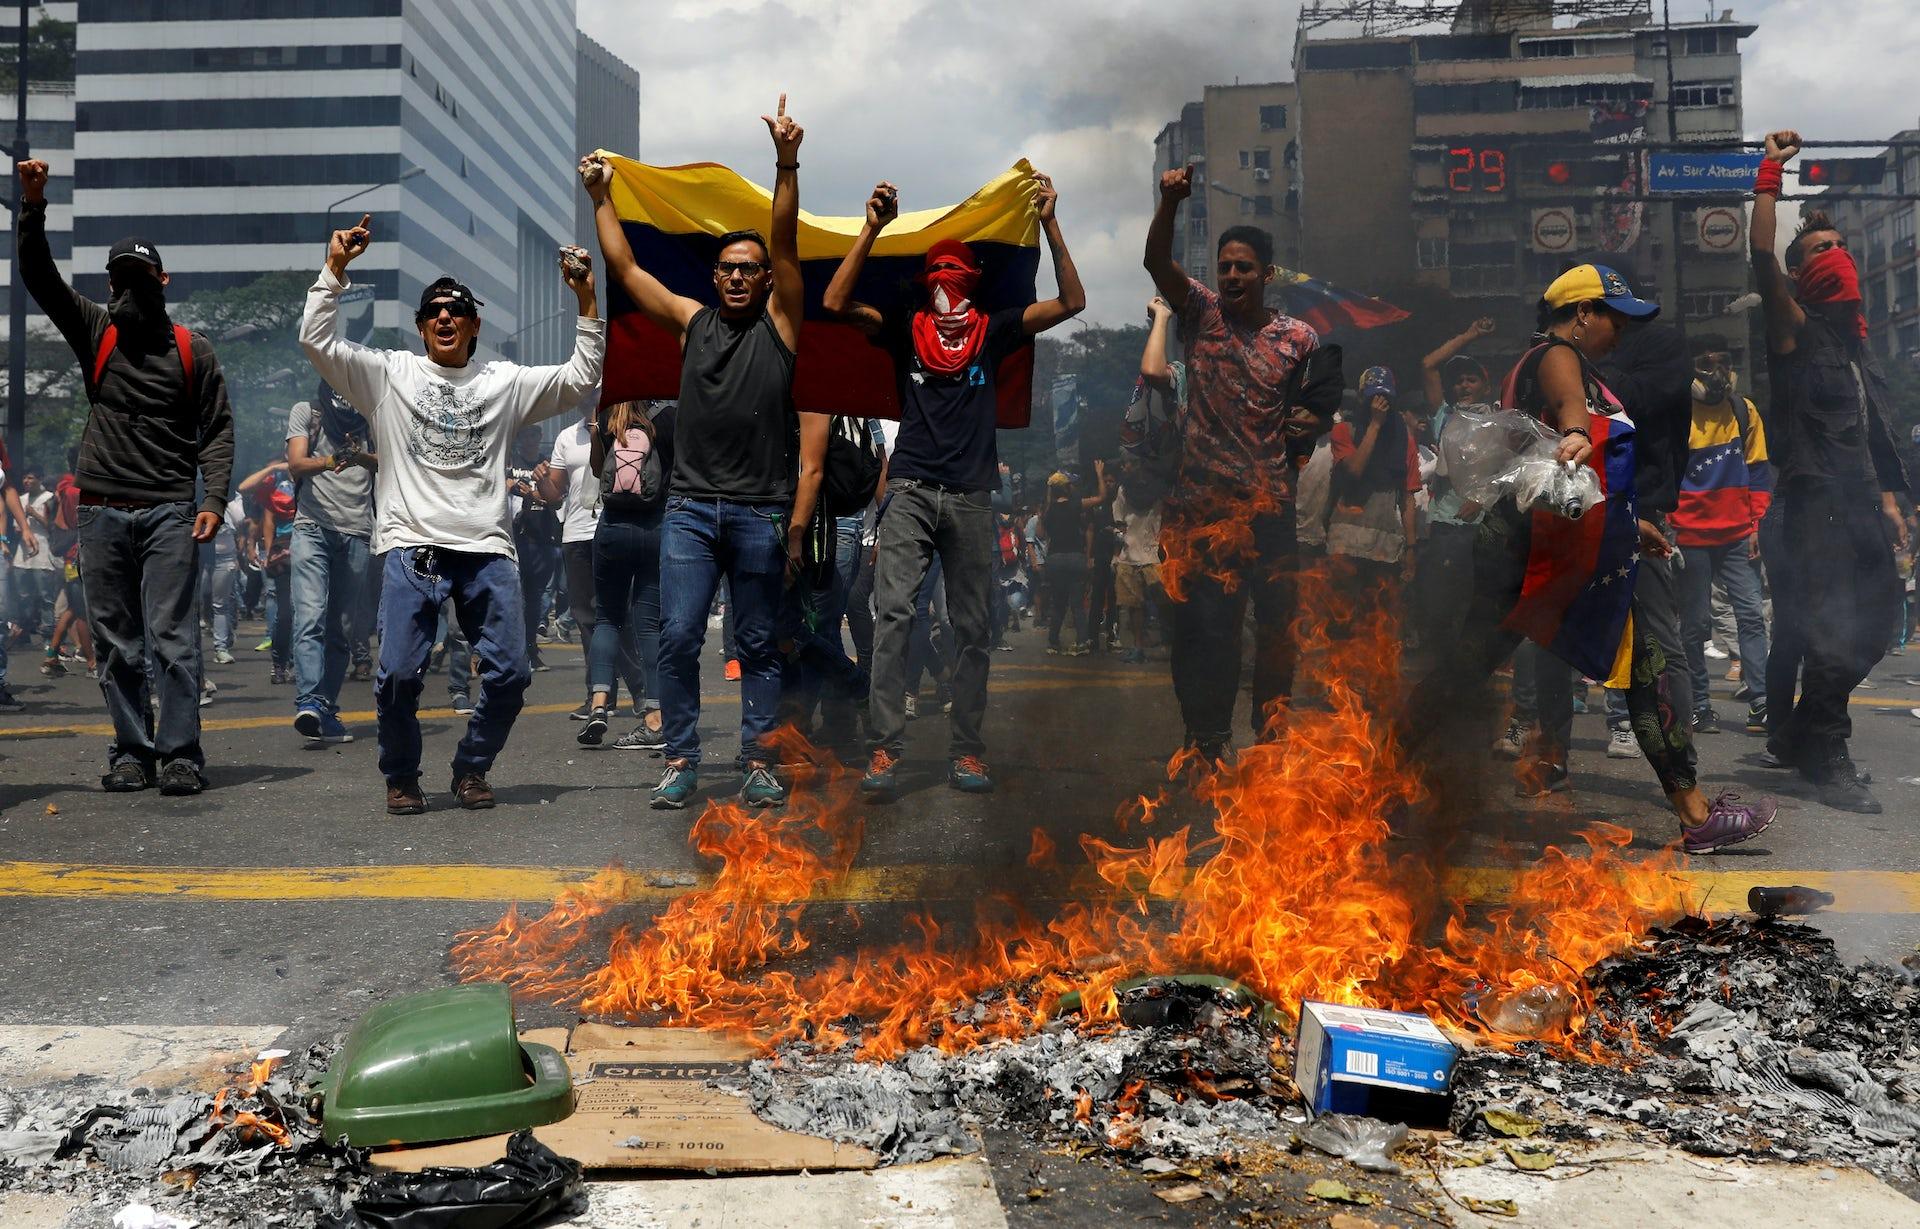 Black Lives Matter >> Venezuela has lost its democratic facade